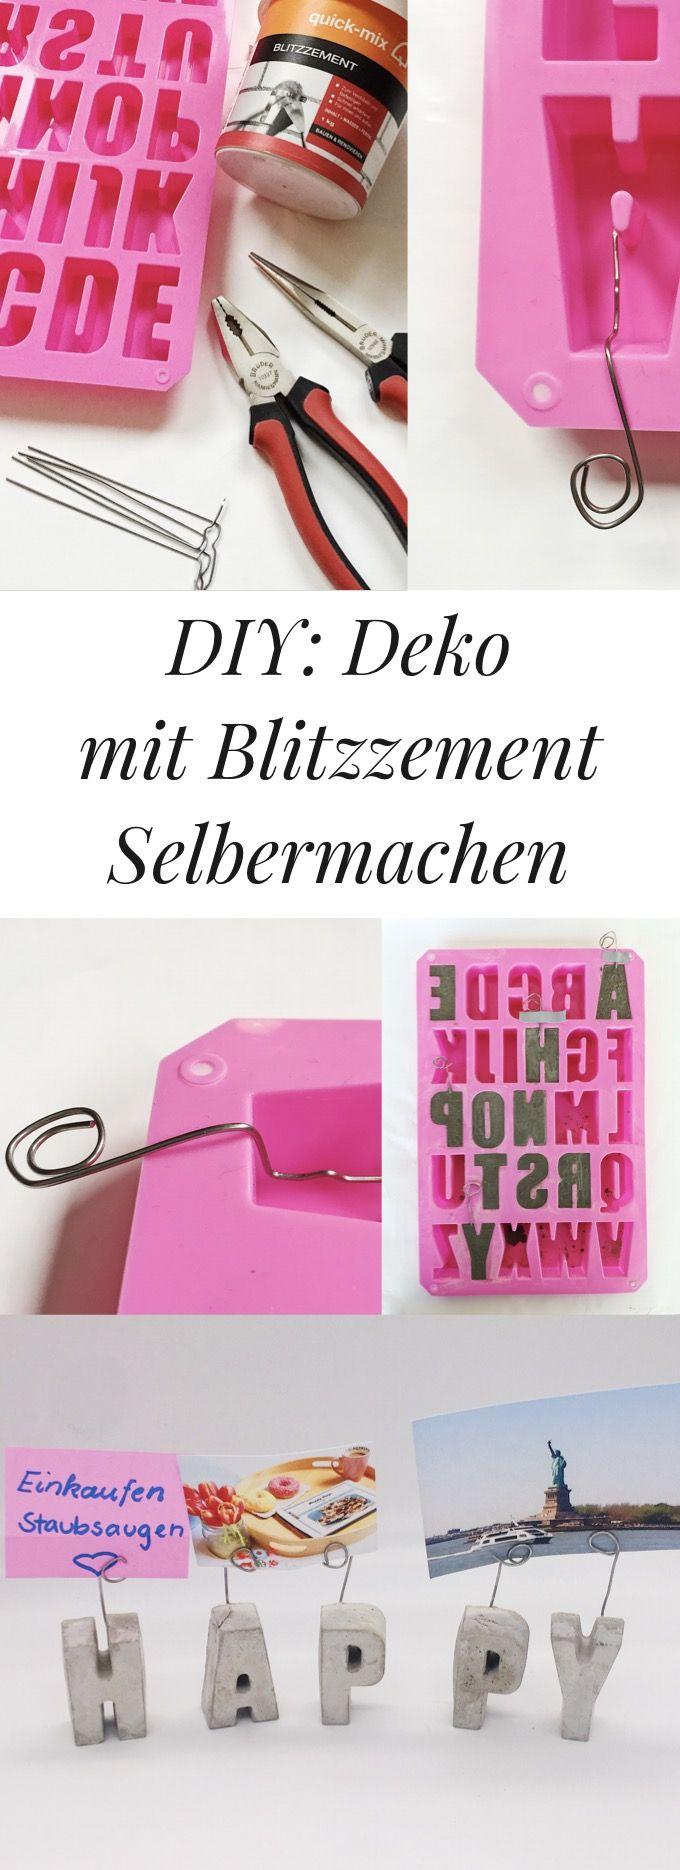 DIY: Deko selbst basteln. Coole Bastel Idee mit Beton oder Blitzzement.